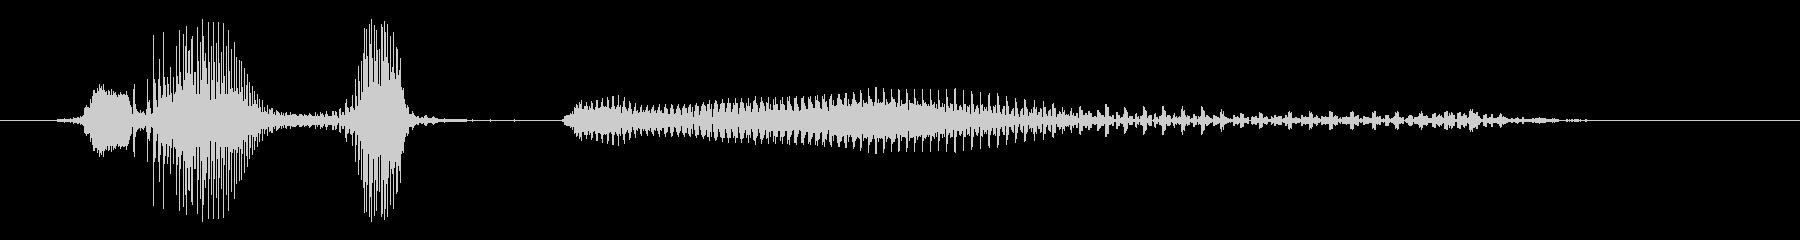 男性:うめき声、お笑いベルチ、げっ...の未再生の波形